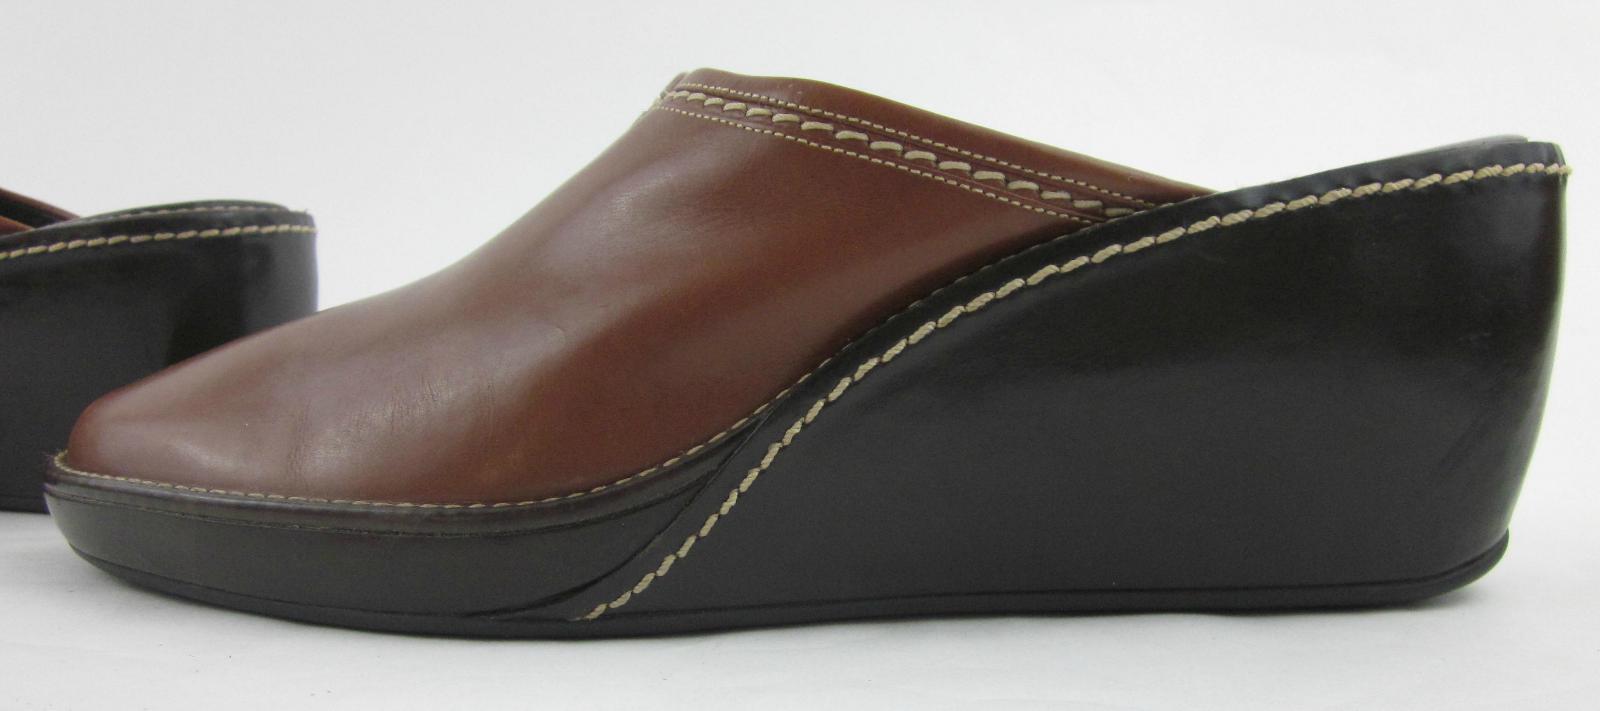 Cole Haan 'Elyssa' Slide Mule Wedges Bourbon Bourbon Bourbon   Dk Chocolate Leather US 11B 69b634